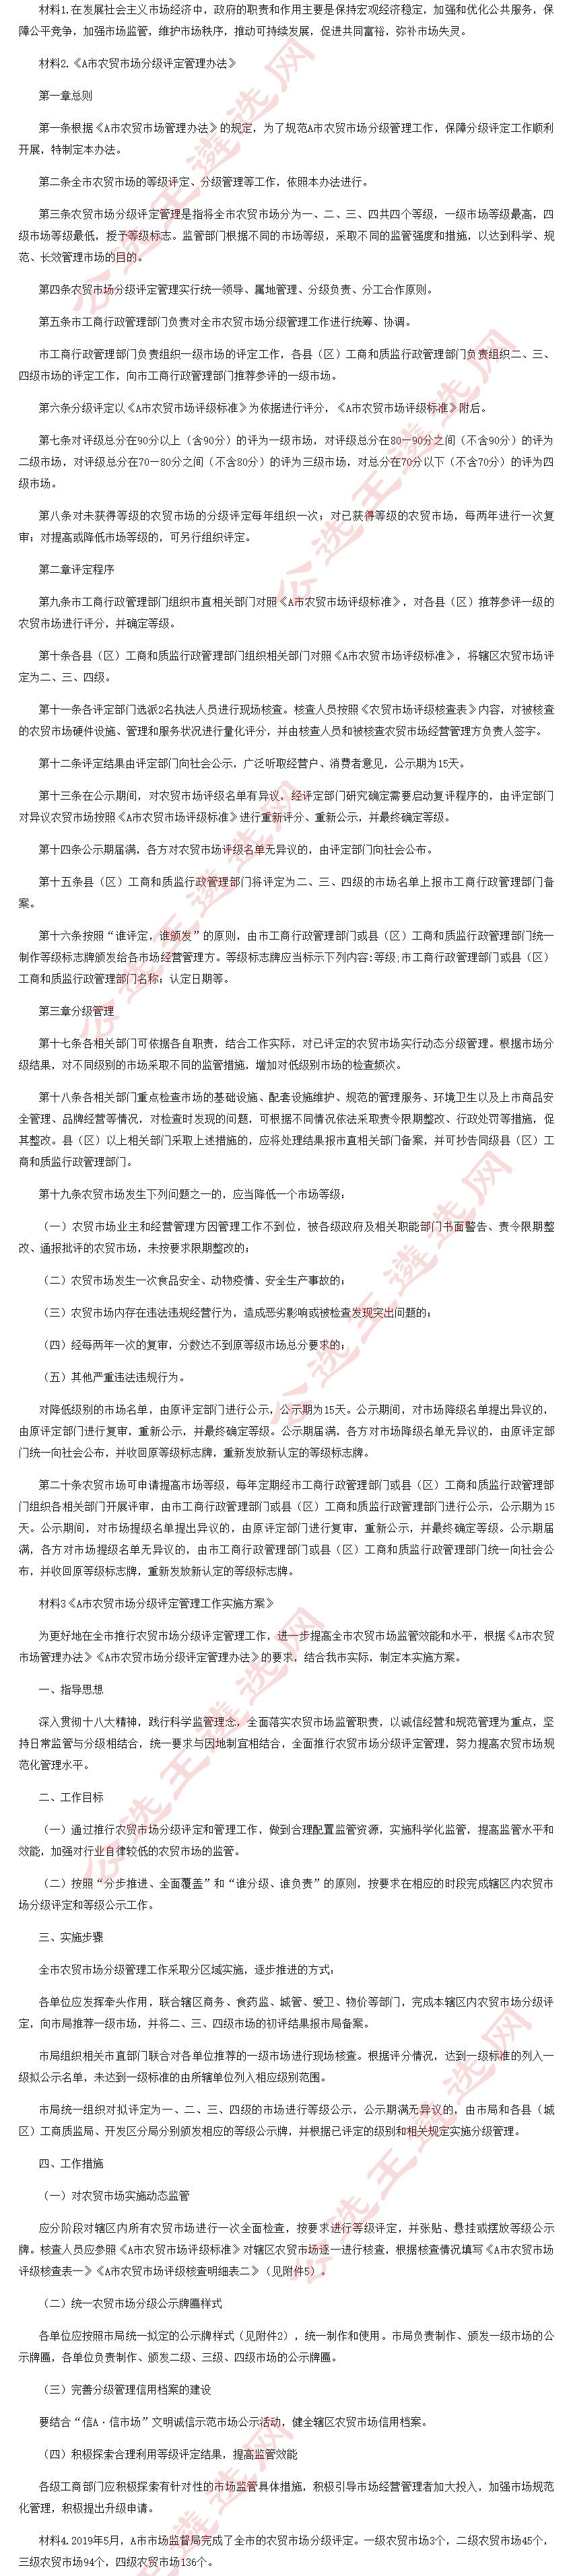 山西省2019年度省直机关公开遴选公务员笔试真题一.png